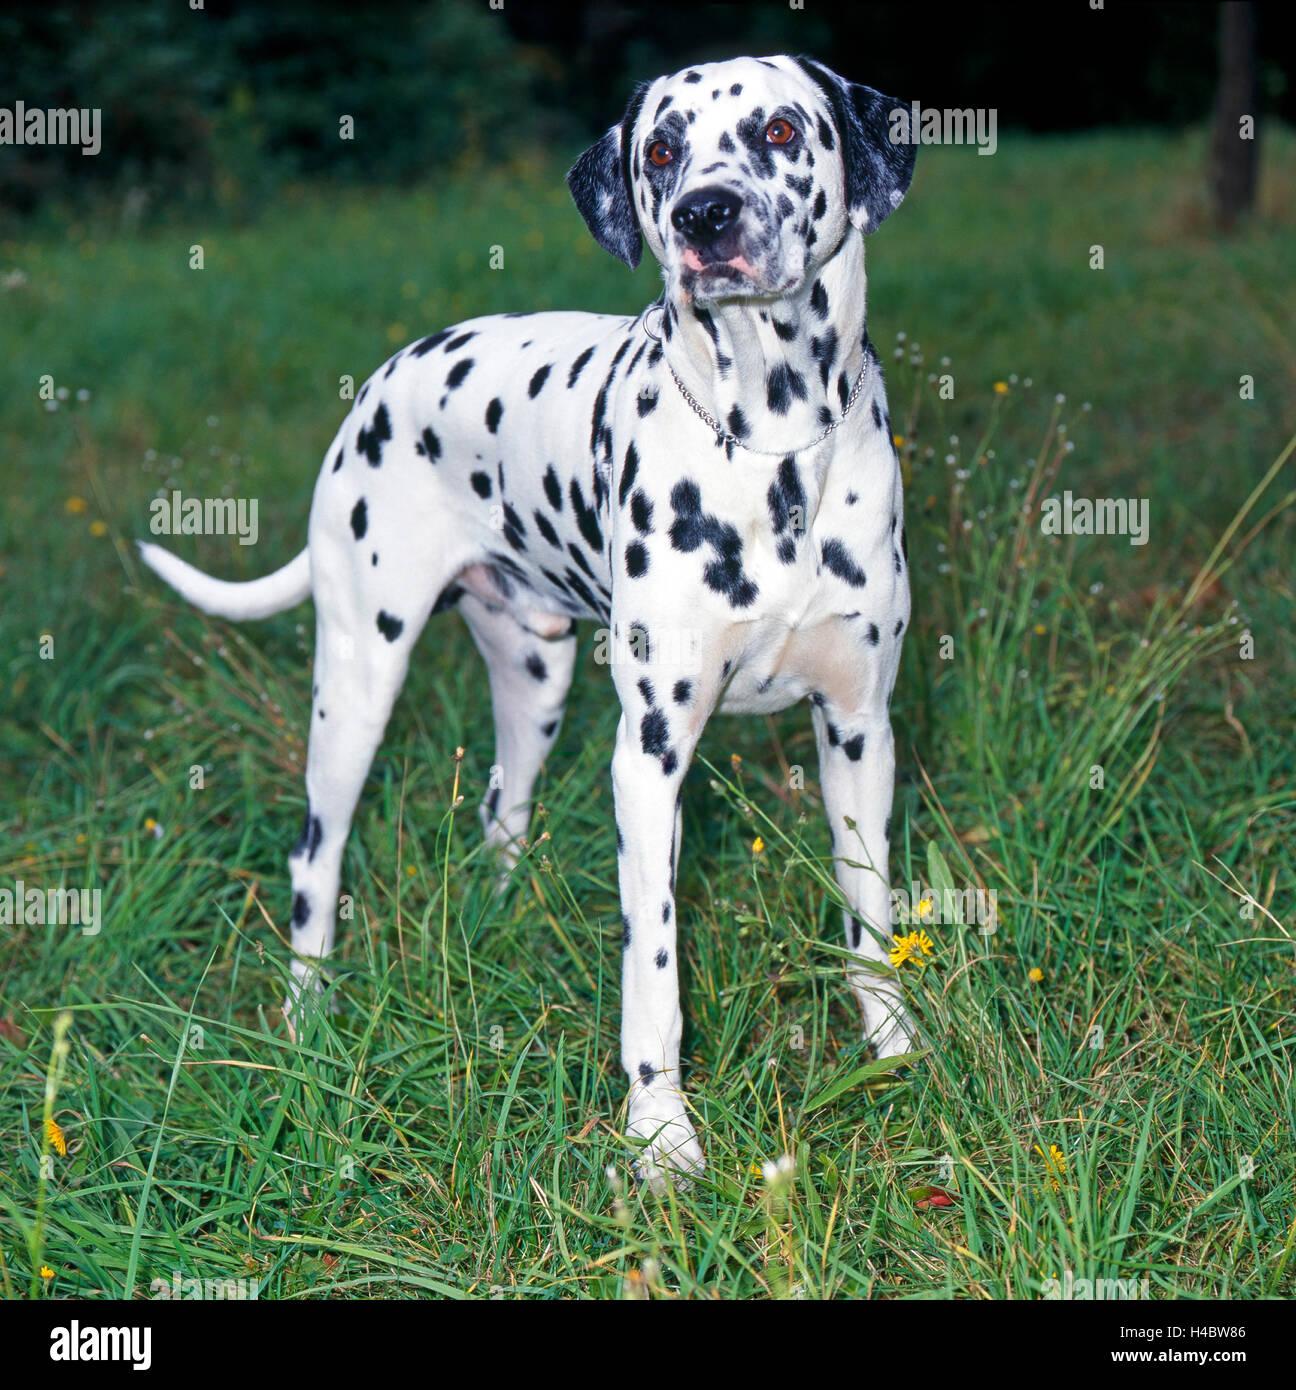 Dalmatian dog in meadow - Stock Image